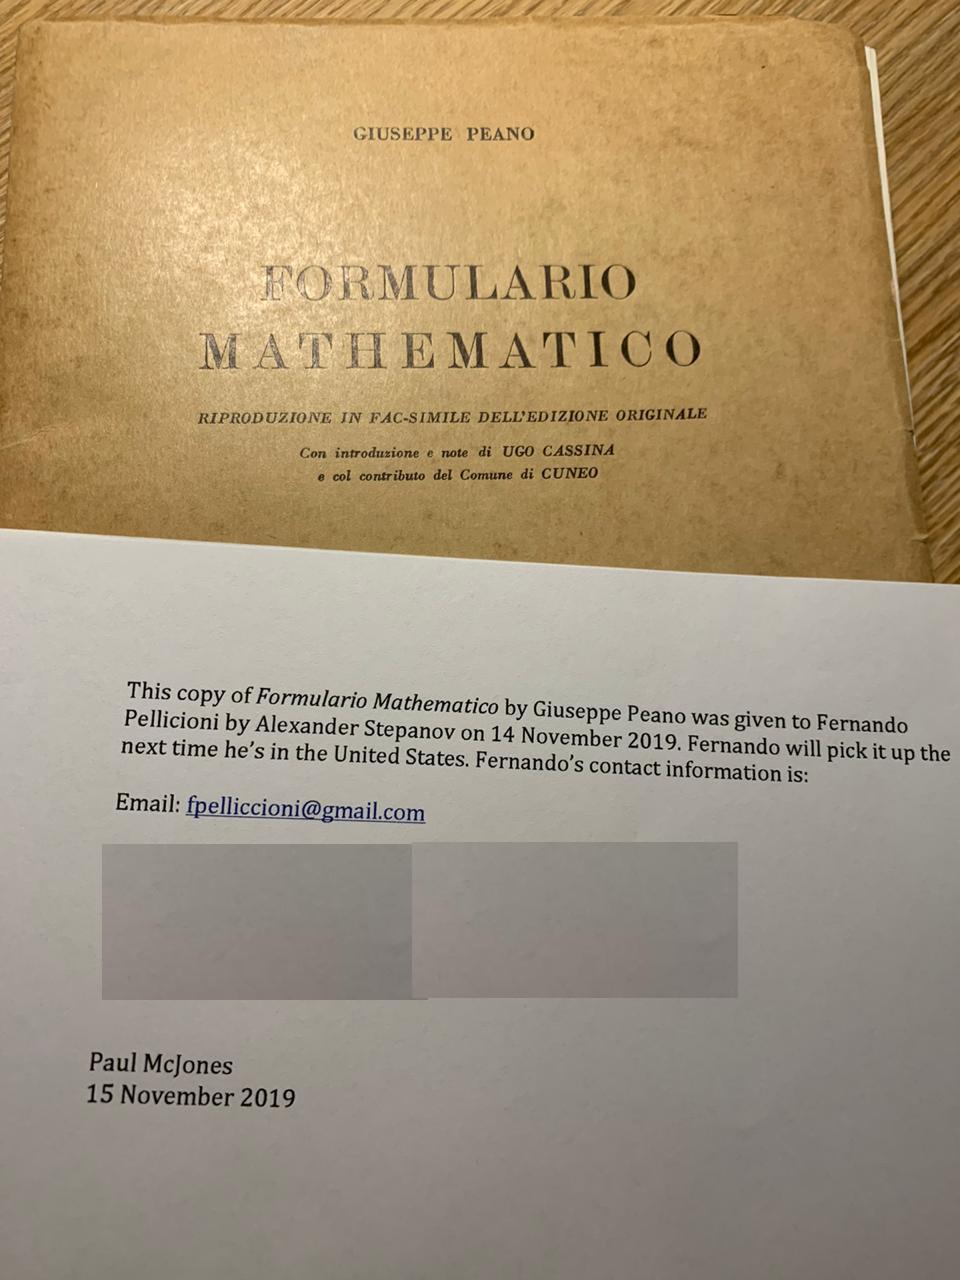 FormularioMathematico